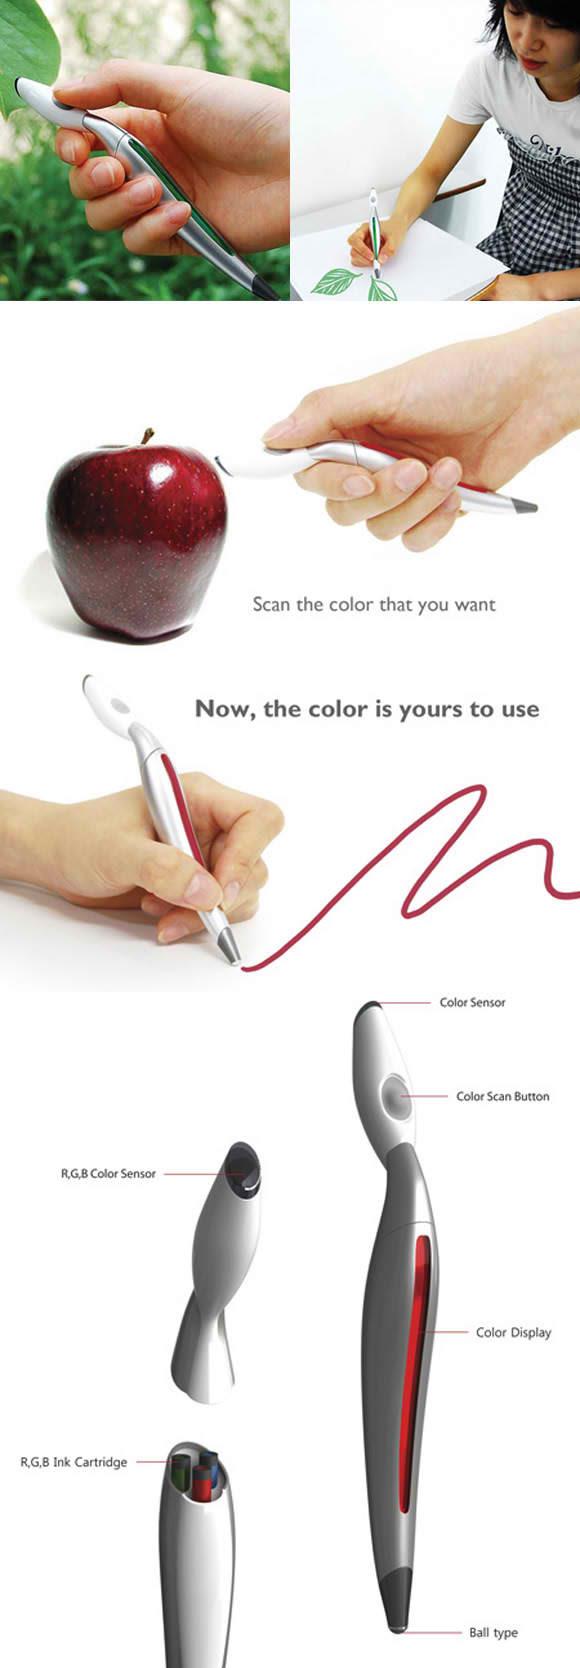 Marcador RGB capaz de pintar cualquier color